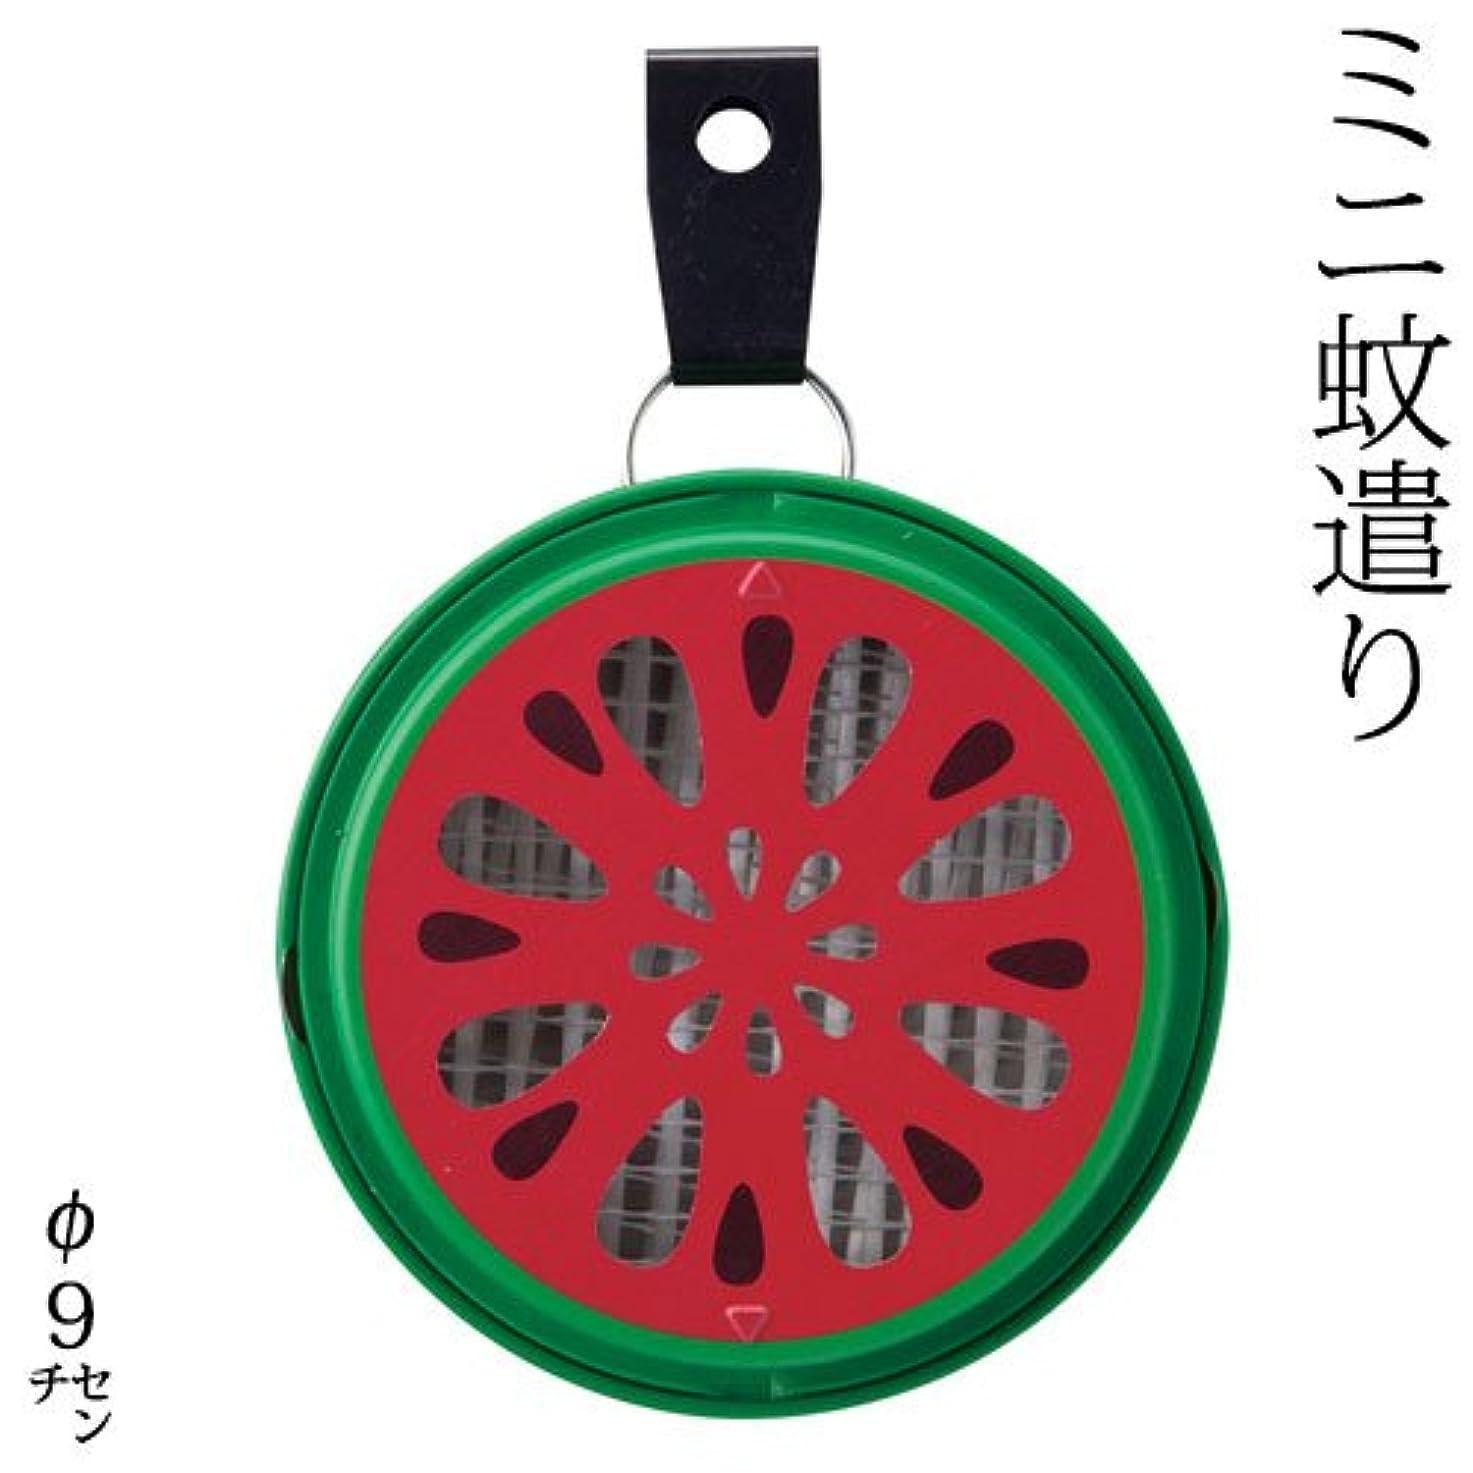 ブランド名戦略オーバーヘッドDECOLEポータブルミニ蚊遣りスイカ (SK-87516)吊り下げ?床置き対応Portable mini Kayari